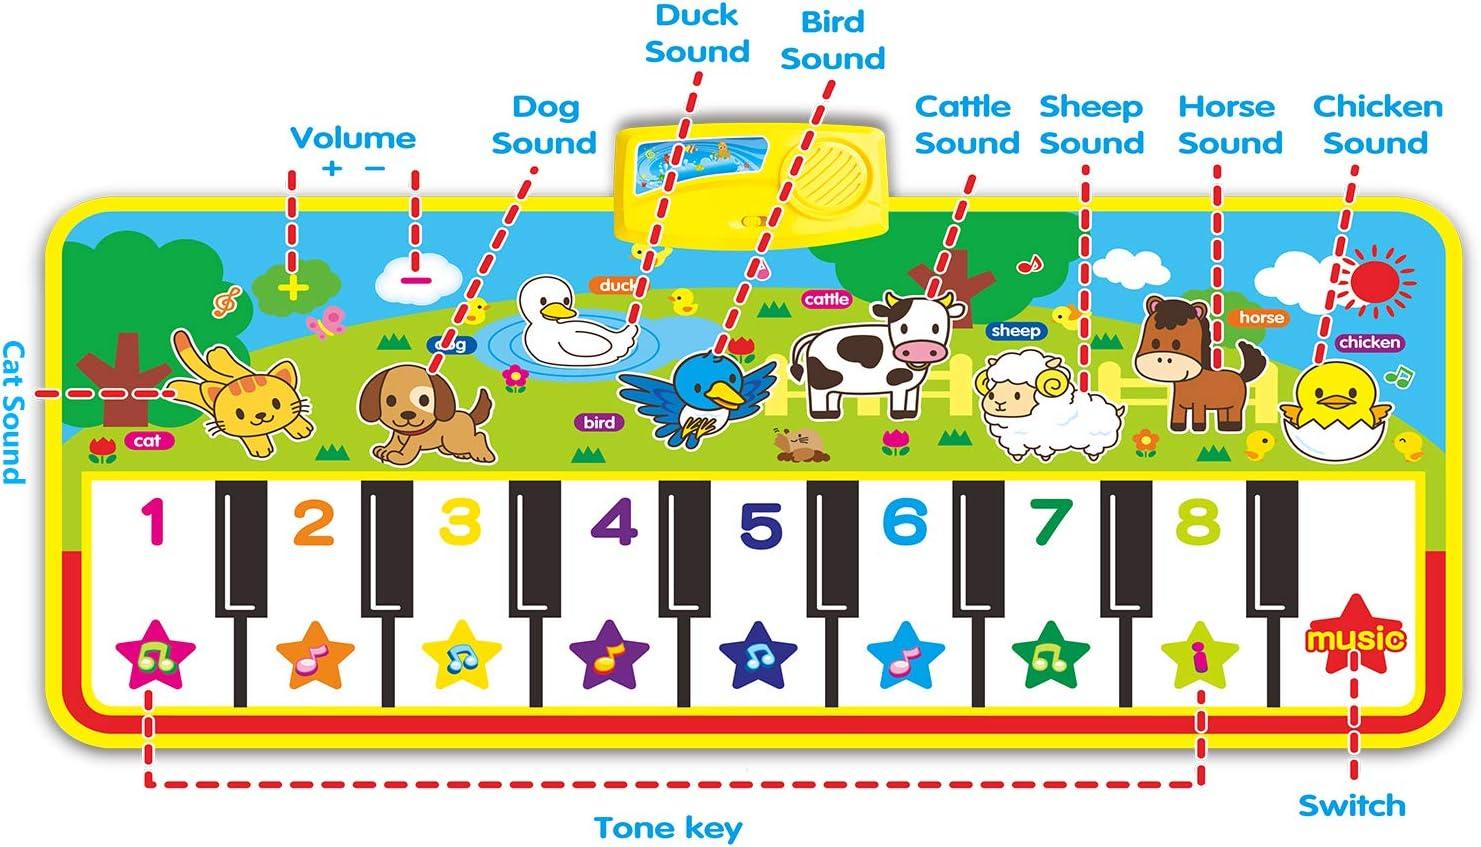 Tapis de Jeu pour Clavier de Piano Couverture Musicale Educative Electronique Portable Haut-Parleur Int/égr/é et Fonction denregistrement pour Filles et Gar/çons RenFox Tapis de Piano Musical